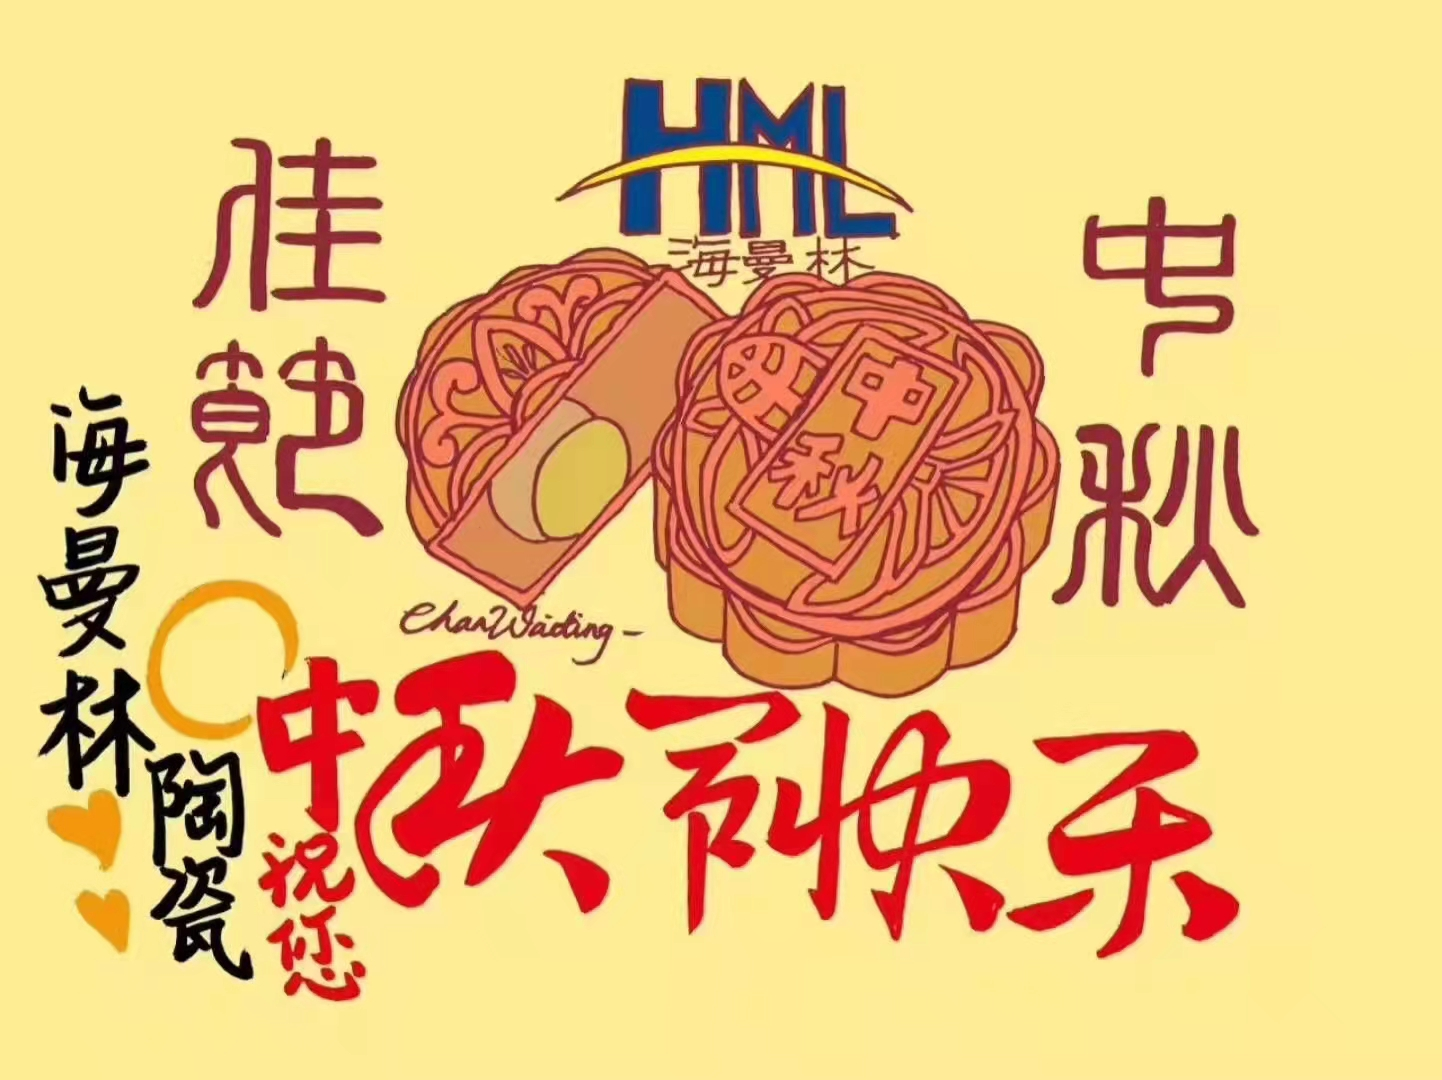 佛山海曼林陶瓷祝愿大家中秋节快乐